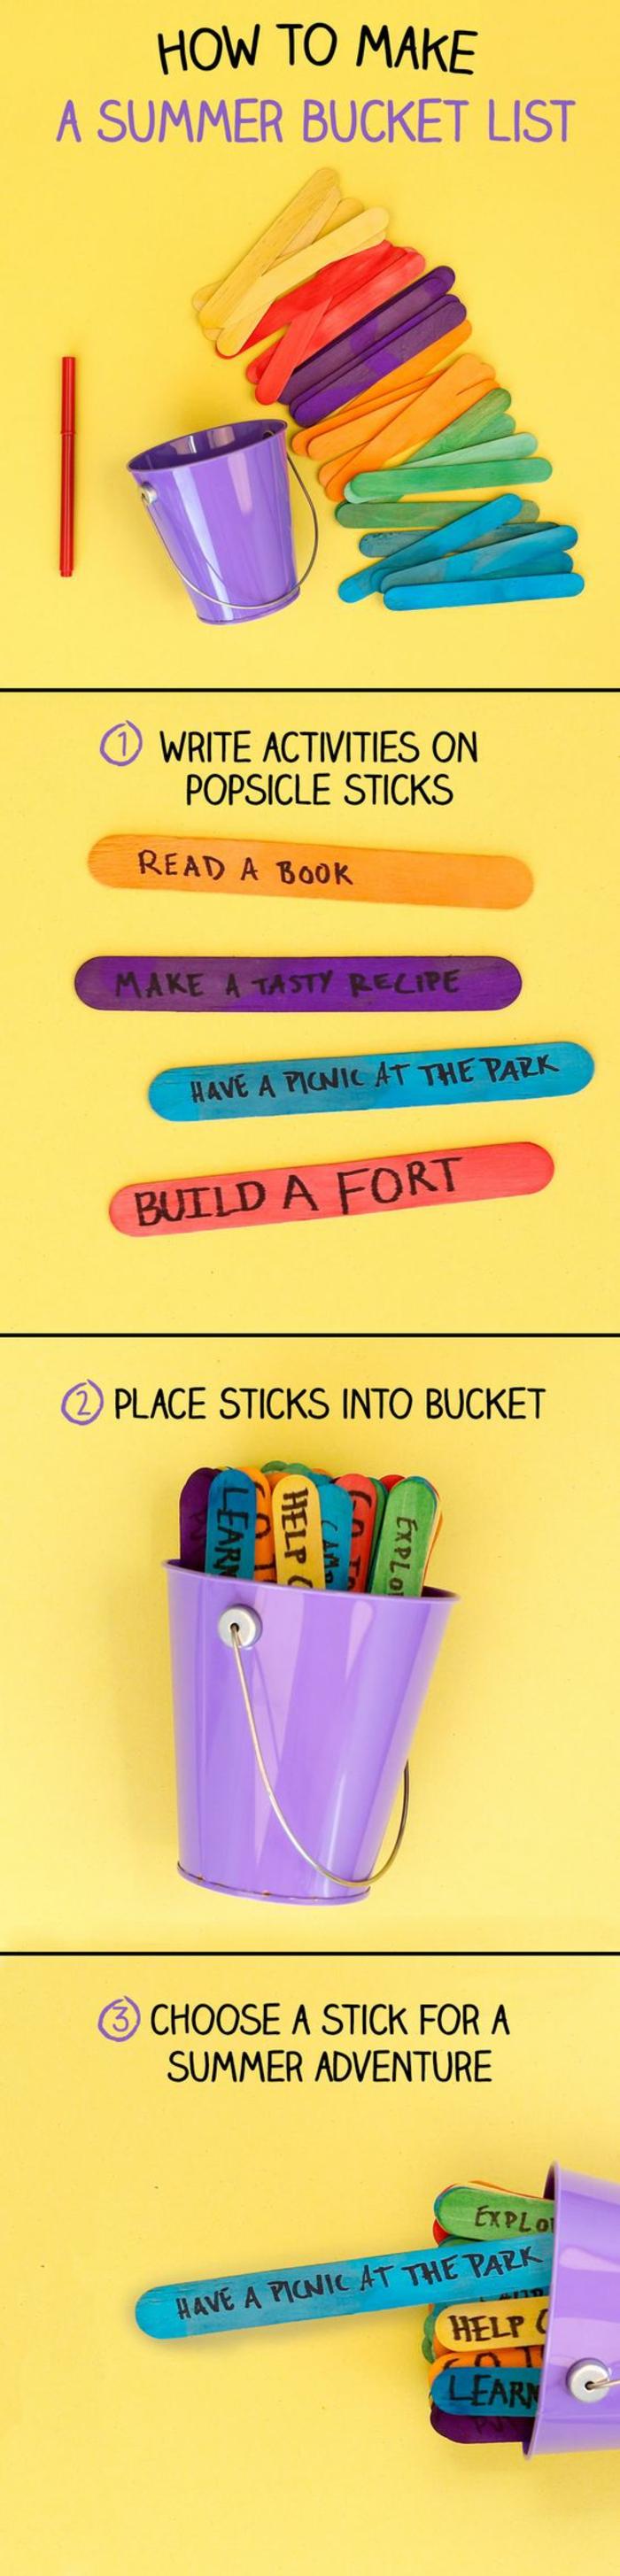 coole bastelideen mit holz, eisstäbchen, deko idee, kleine spiele selber ausdenken und kreieren